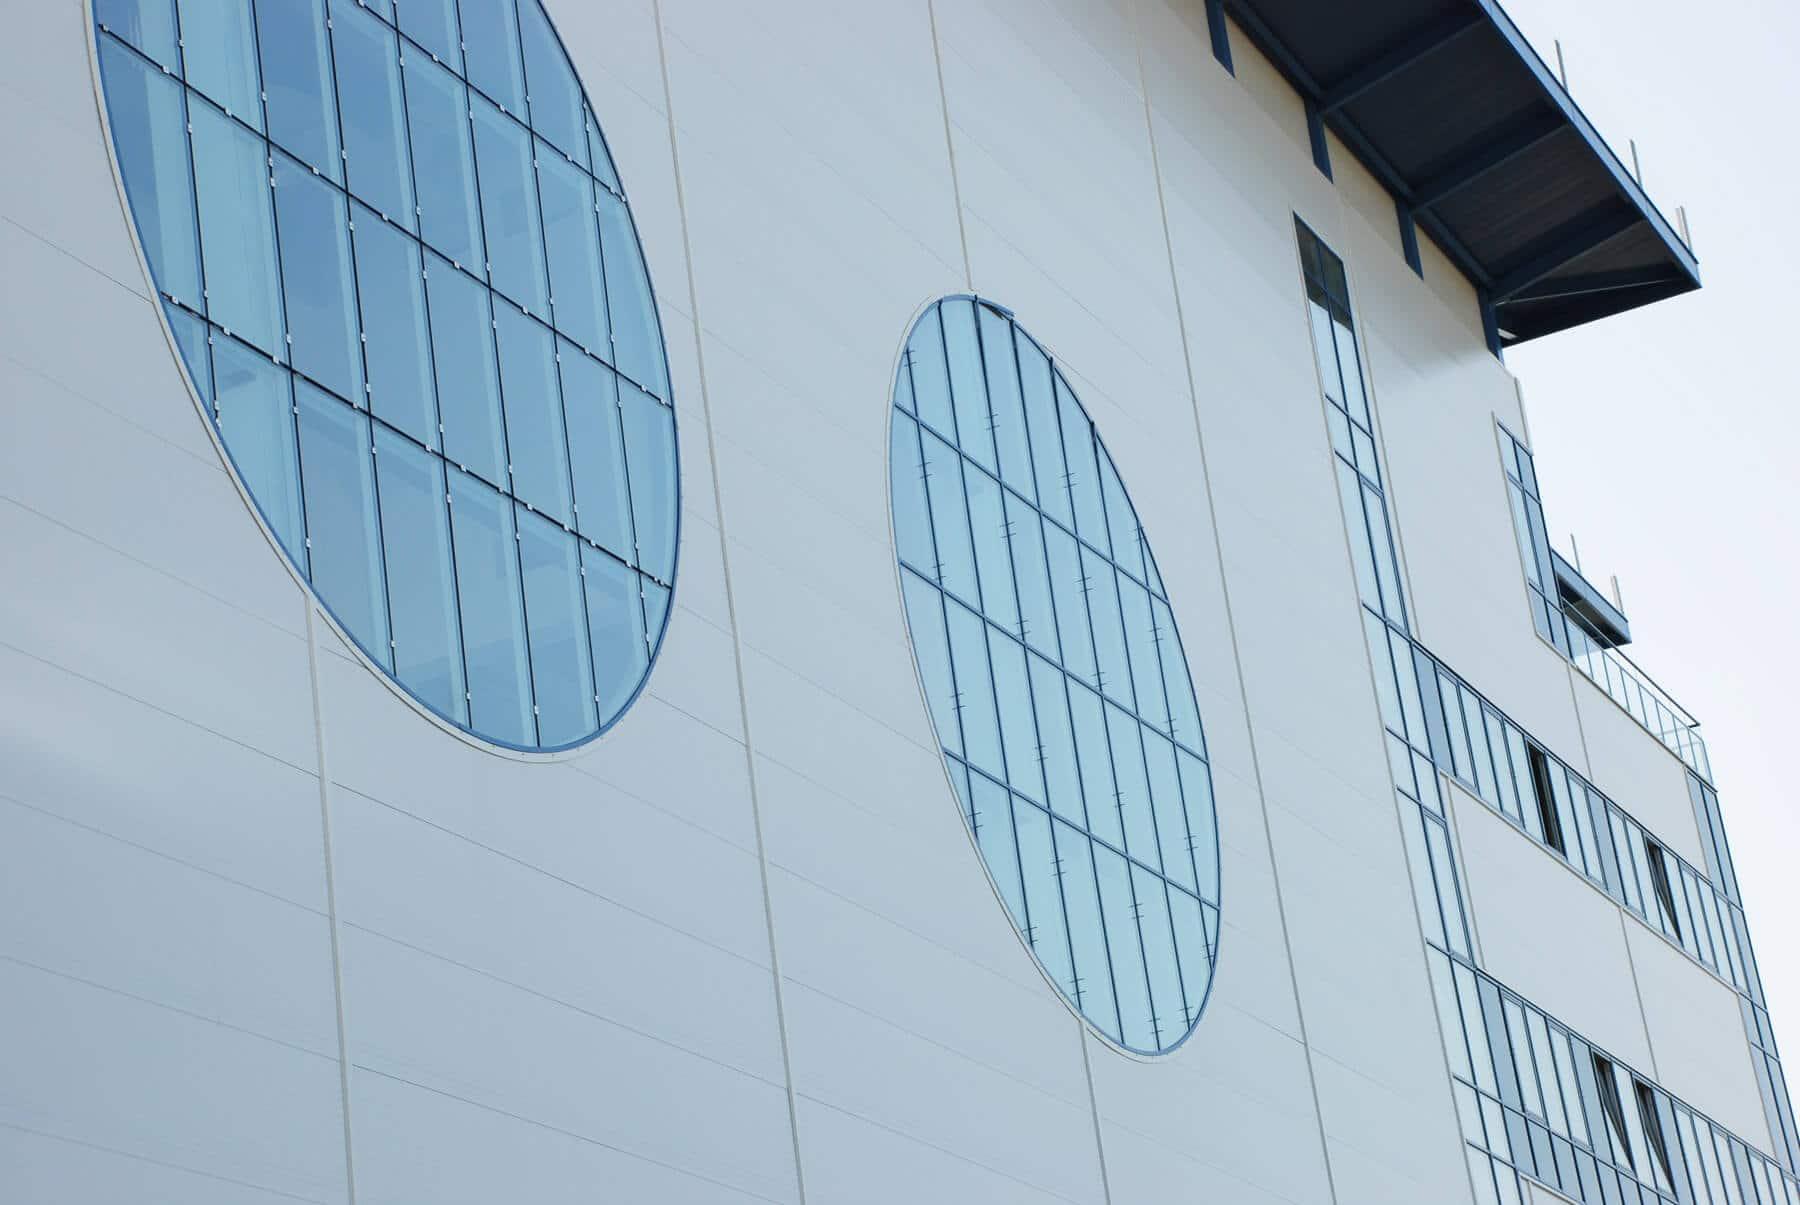 Verglasungen für Industriebau